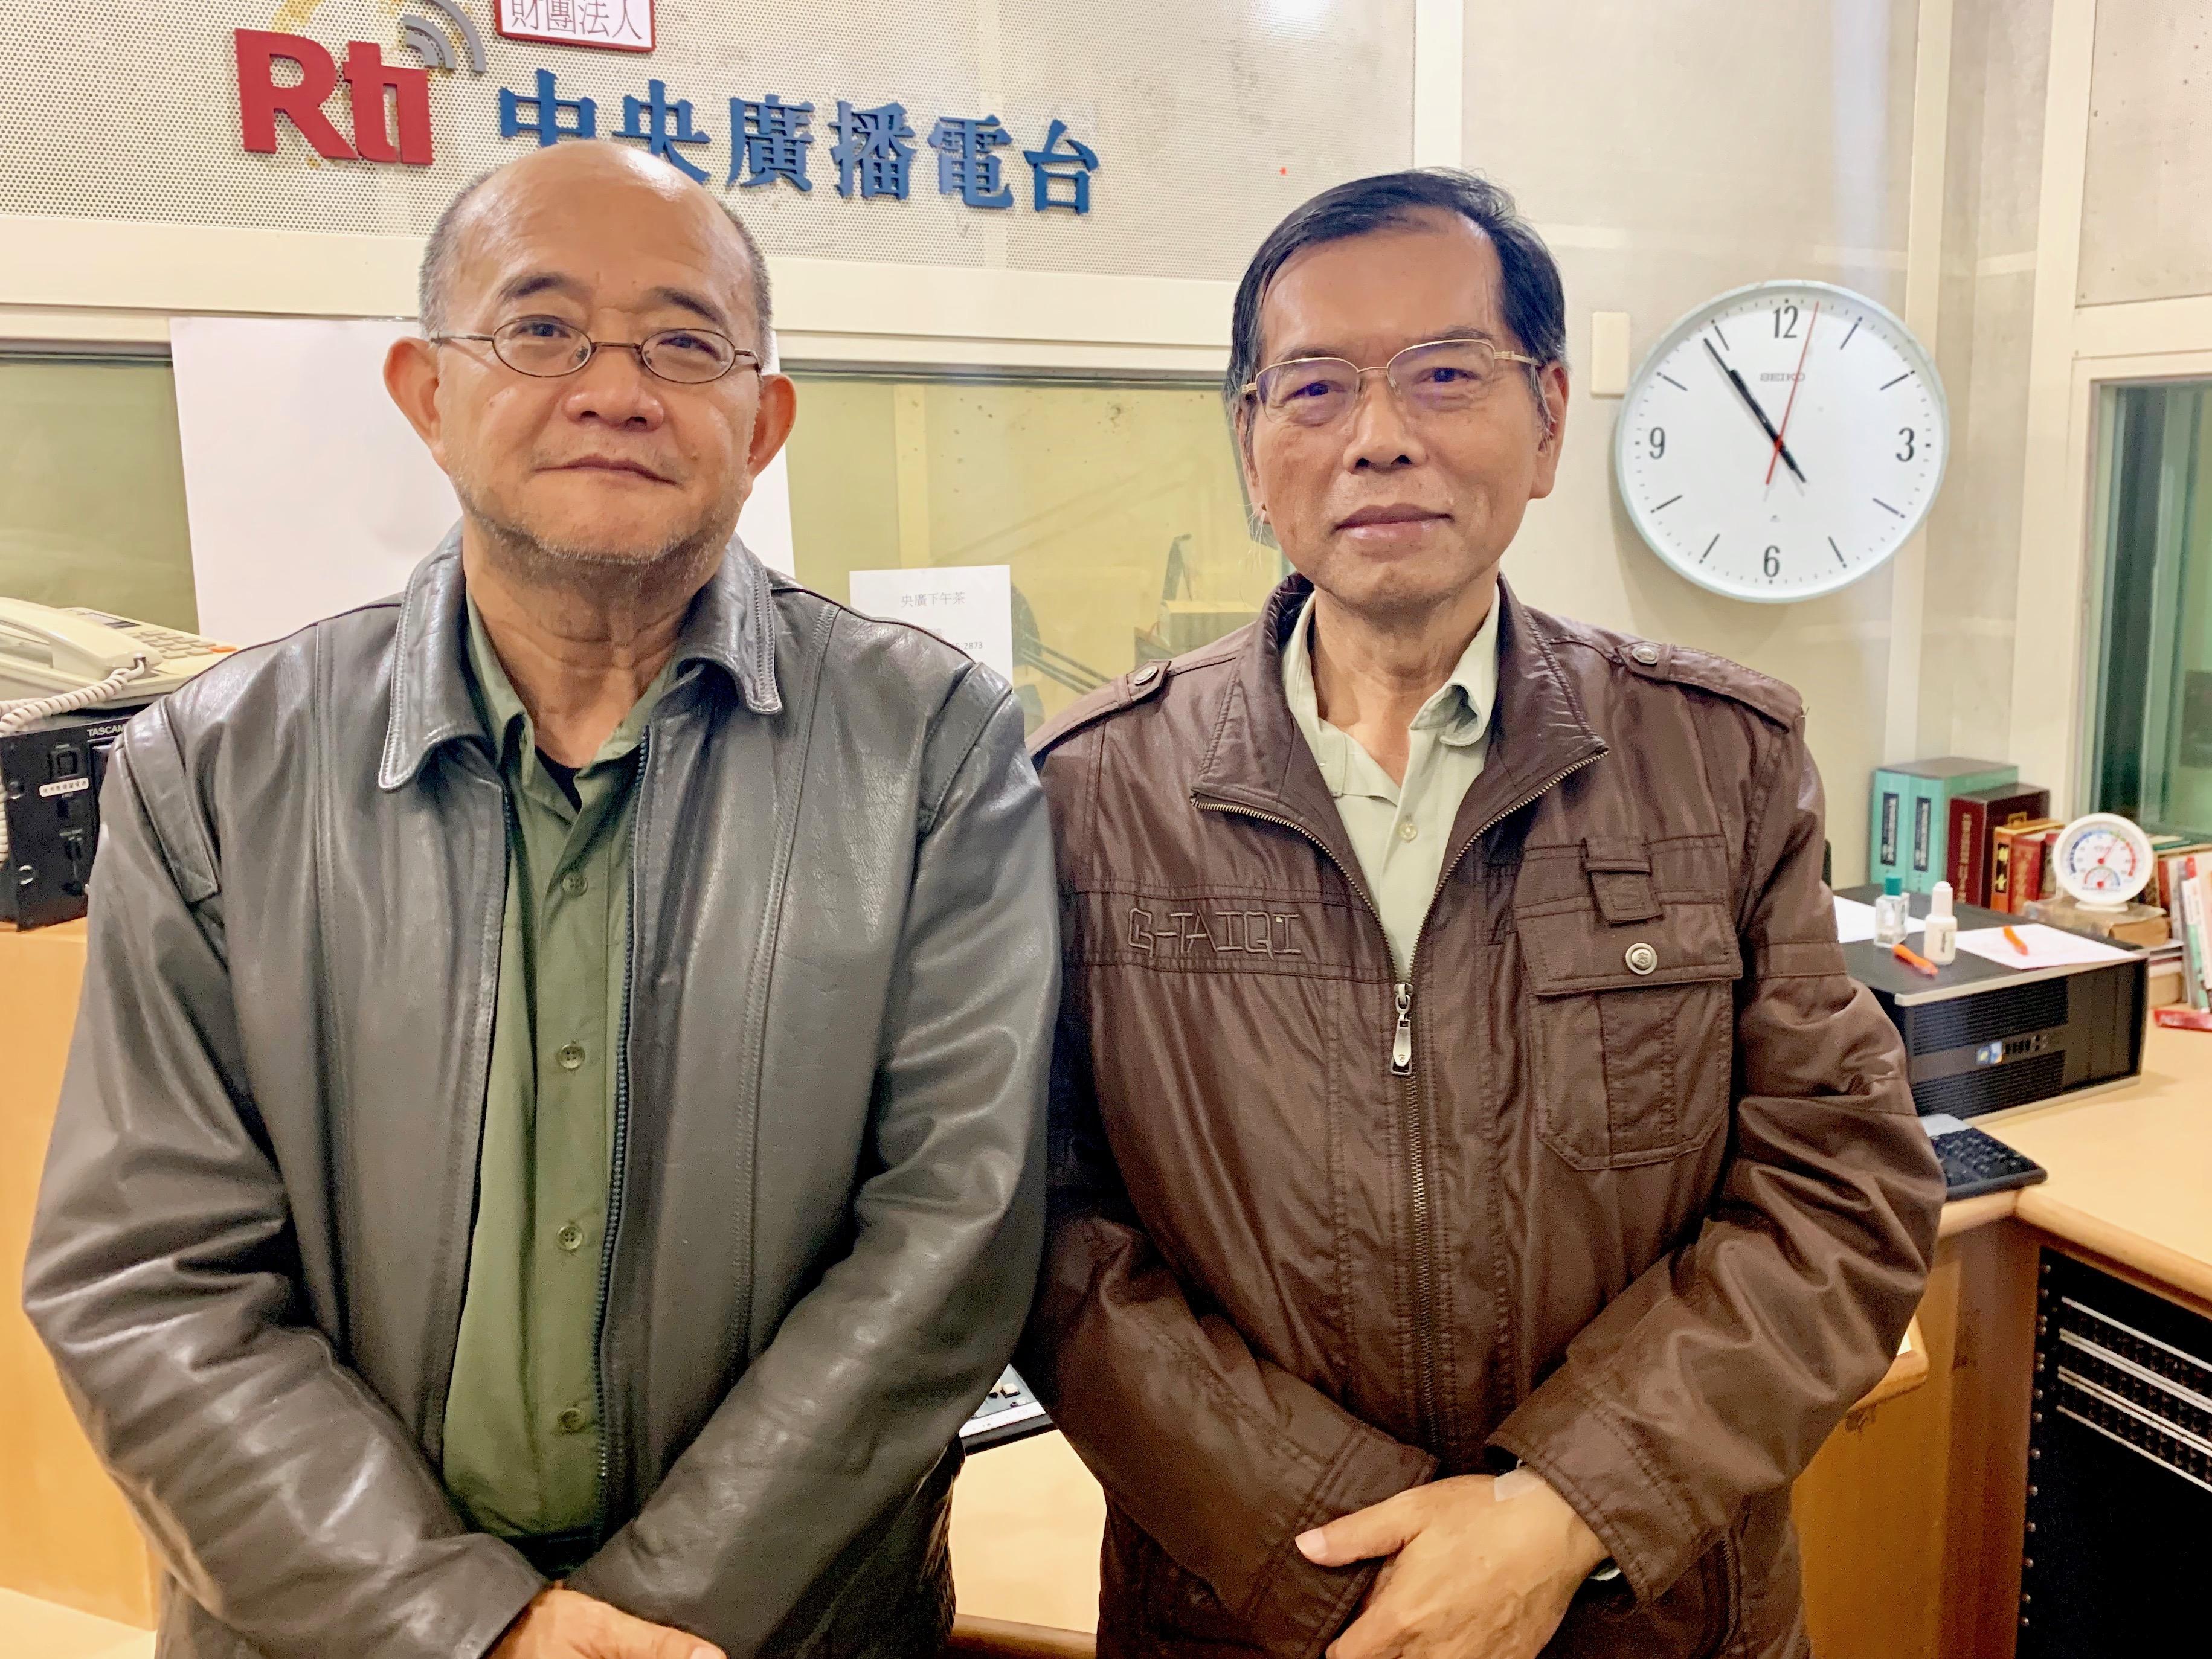 台灣紙本媒體的困境